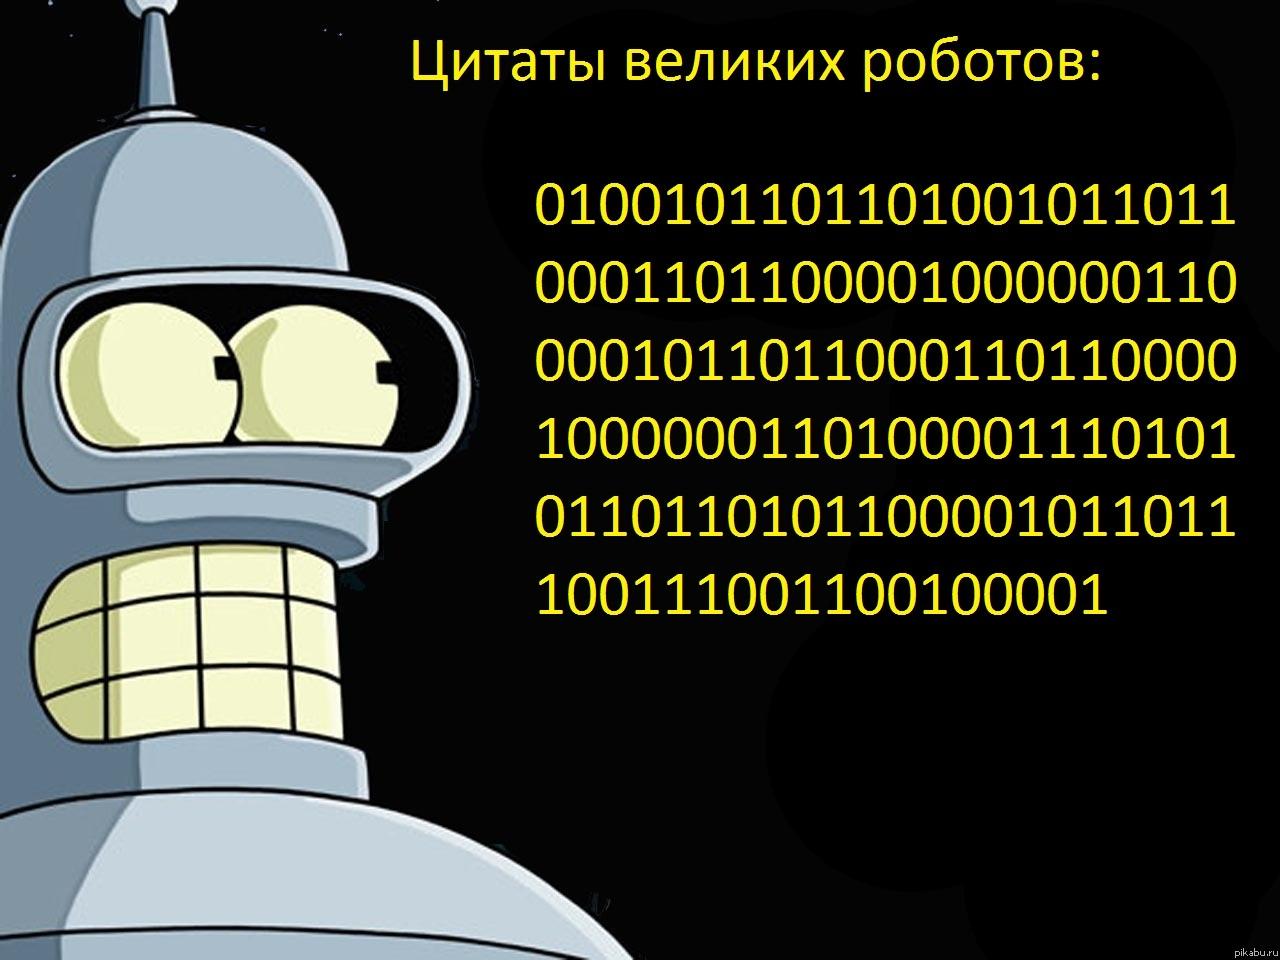 http://apikabu.ru/img_n/2012-09_2/med.jpg